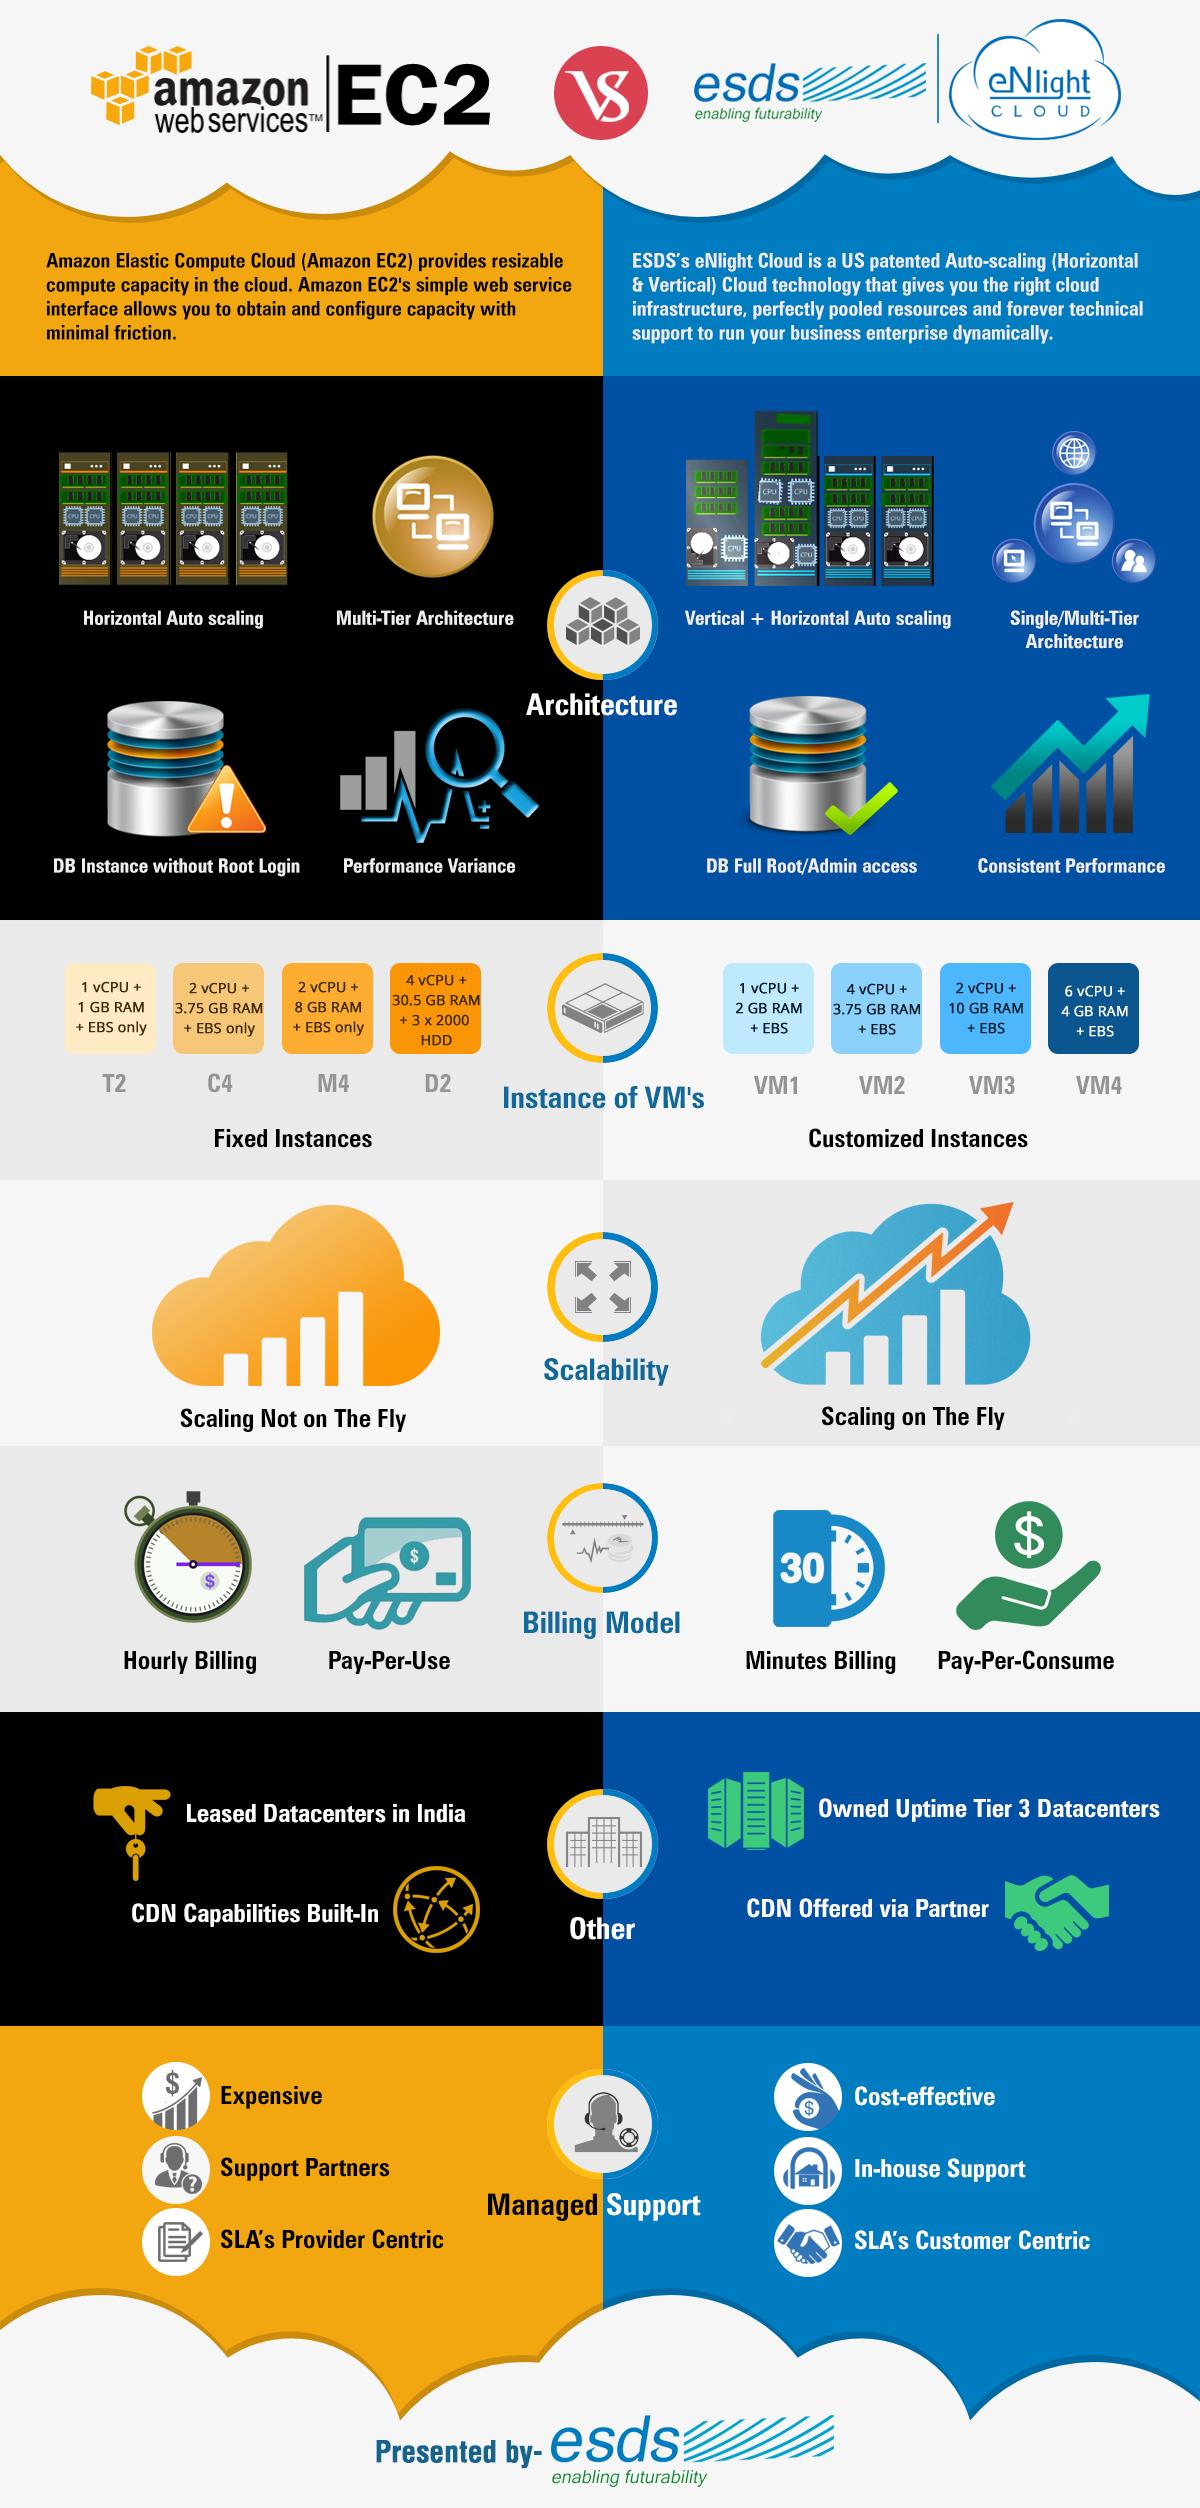 Amazon EC2 v/s eNlight Cloud